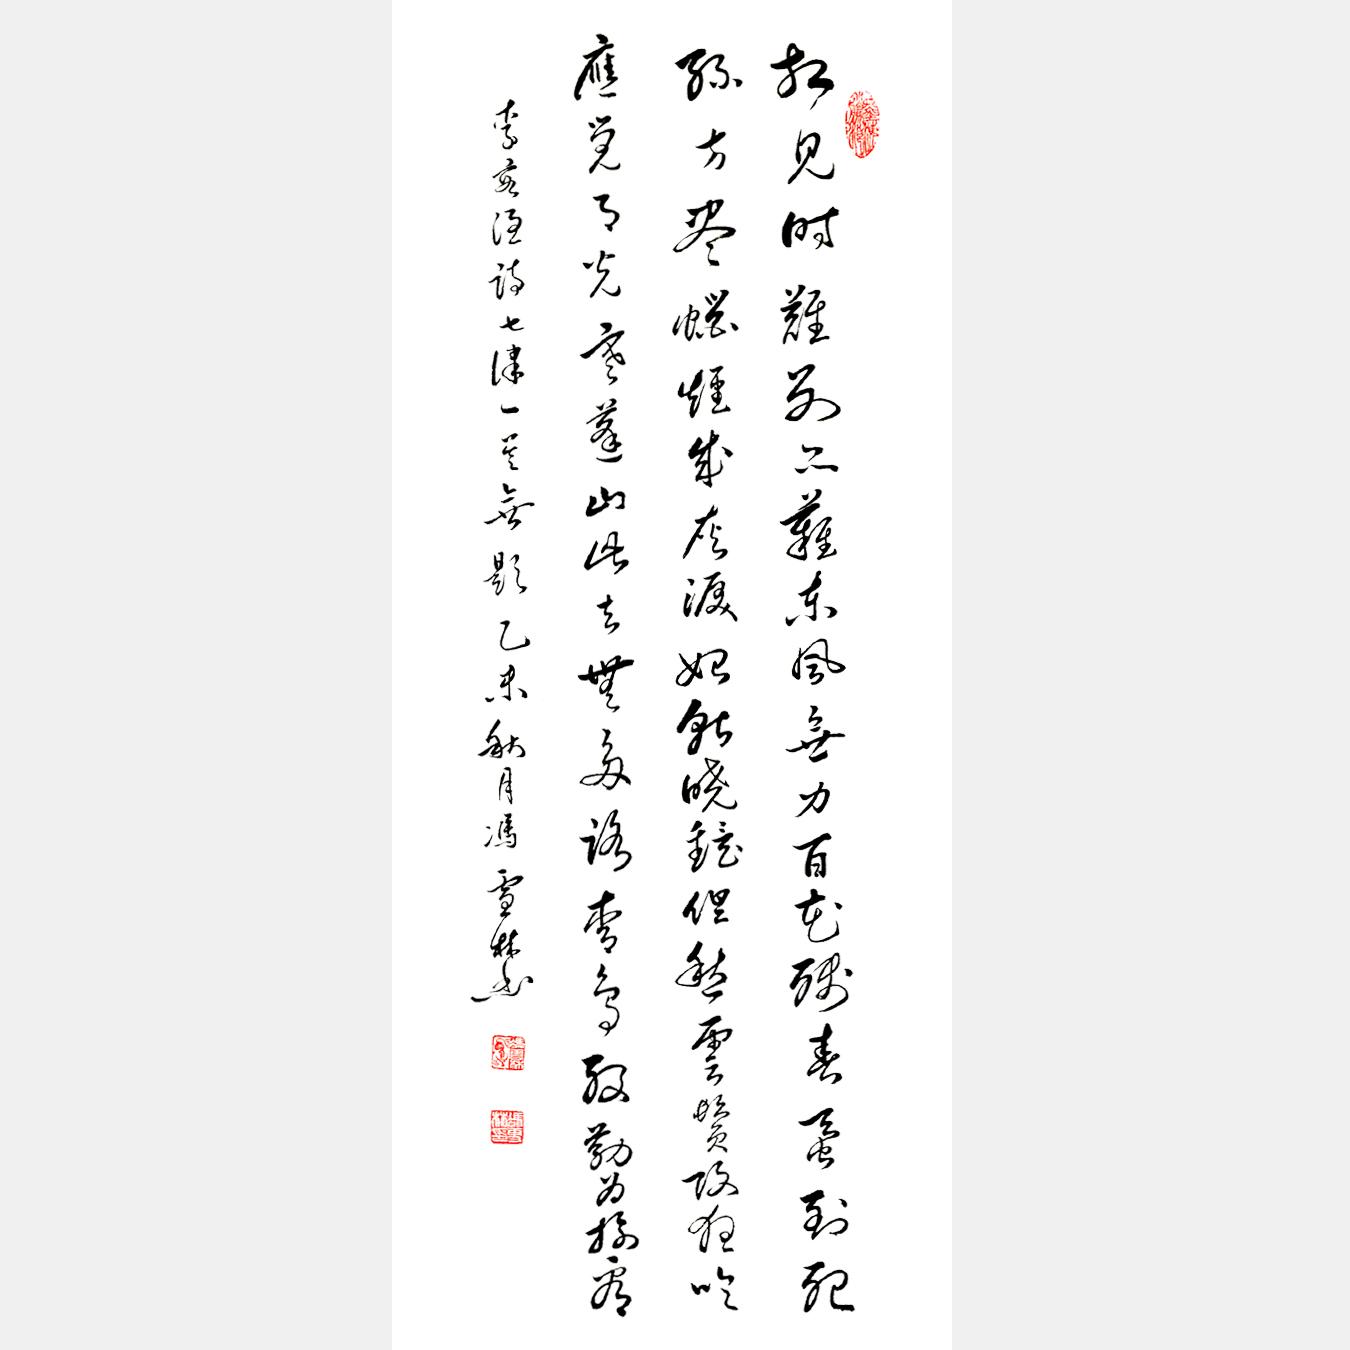 冯雪林行书 晚唐著名诗人李商隐七言律诗《无题・相见时难别亦难》